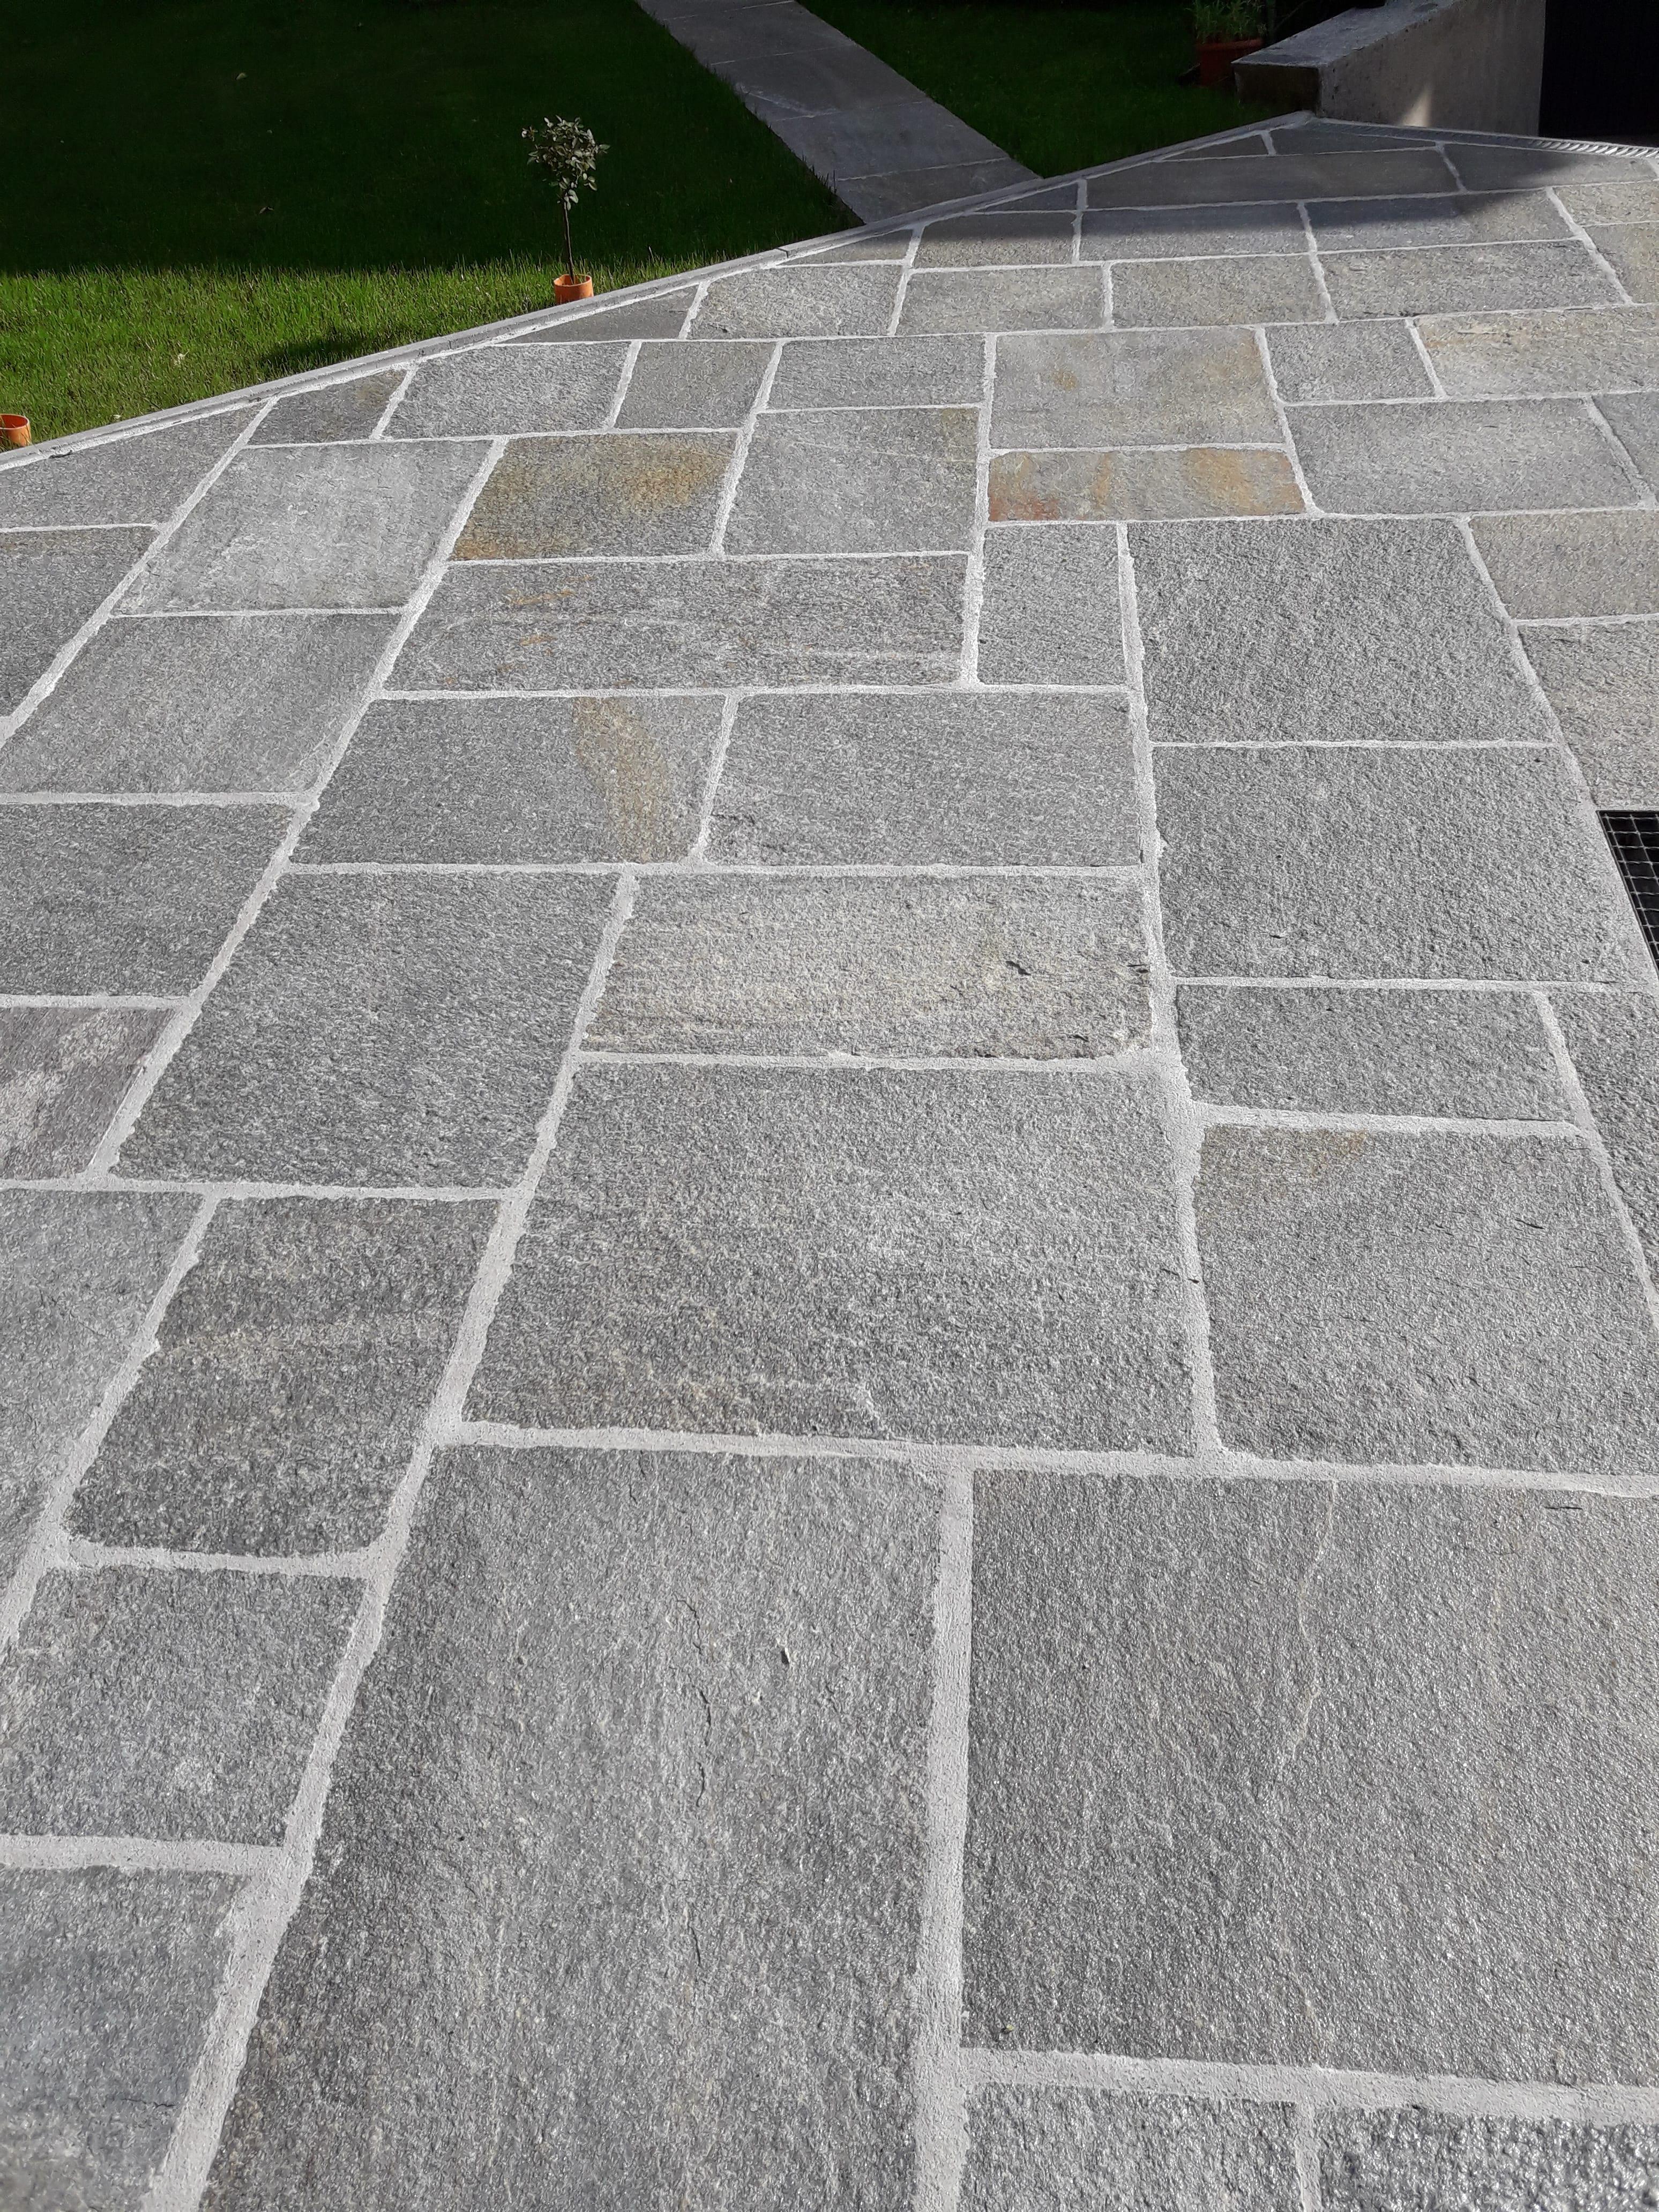 Pavimento esterno con pietra di luserna quadatoni posa alla scozzese.